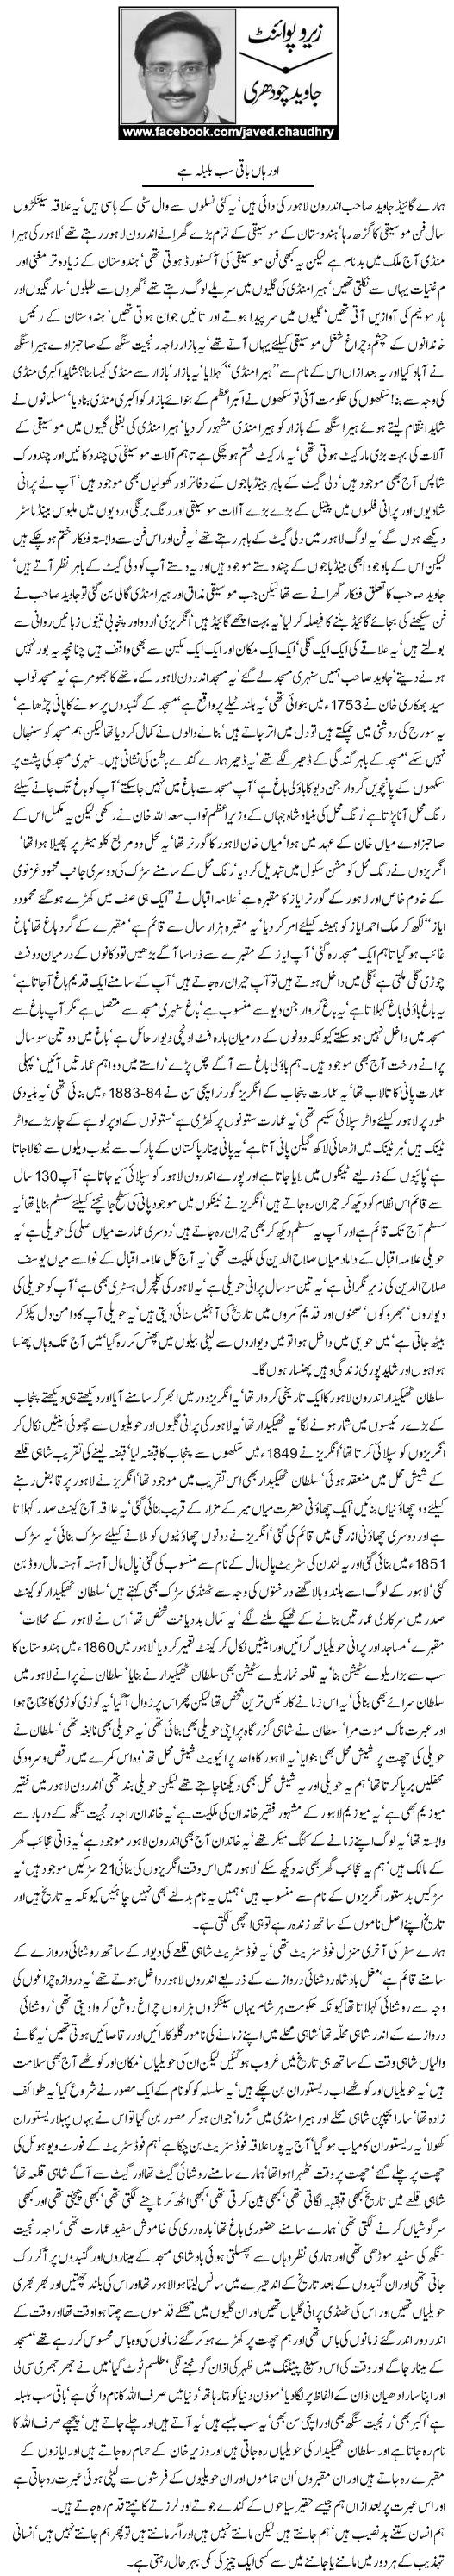 Aur Han Baqi Sb Bulbula Hai - Zero Point - Javed Chaudhry